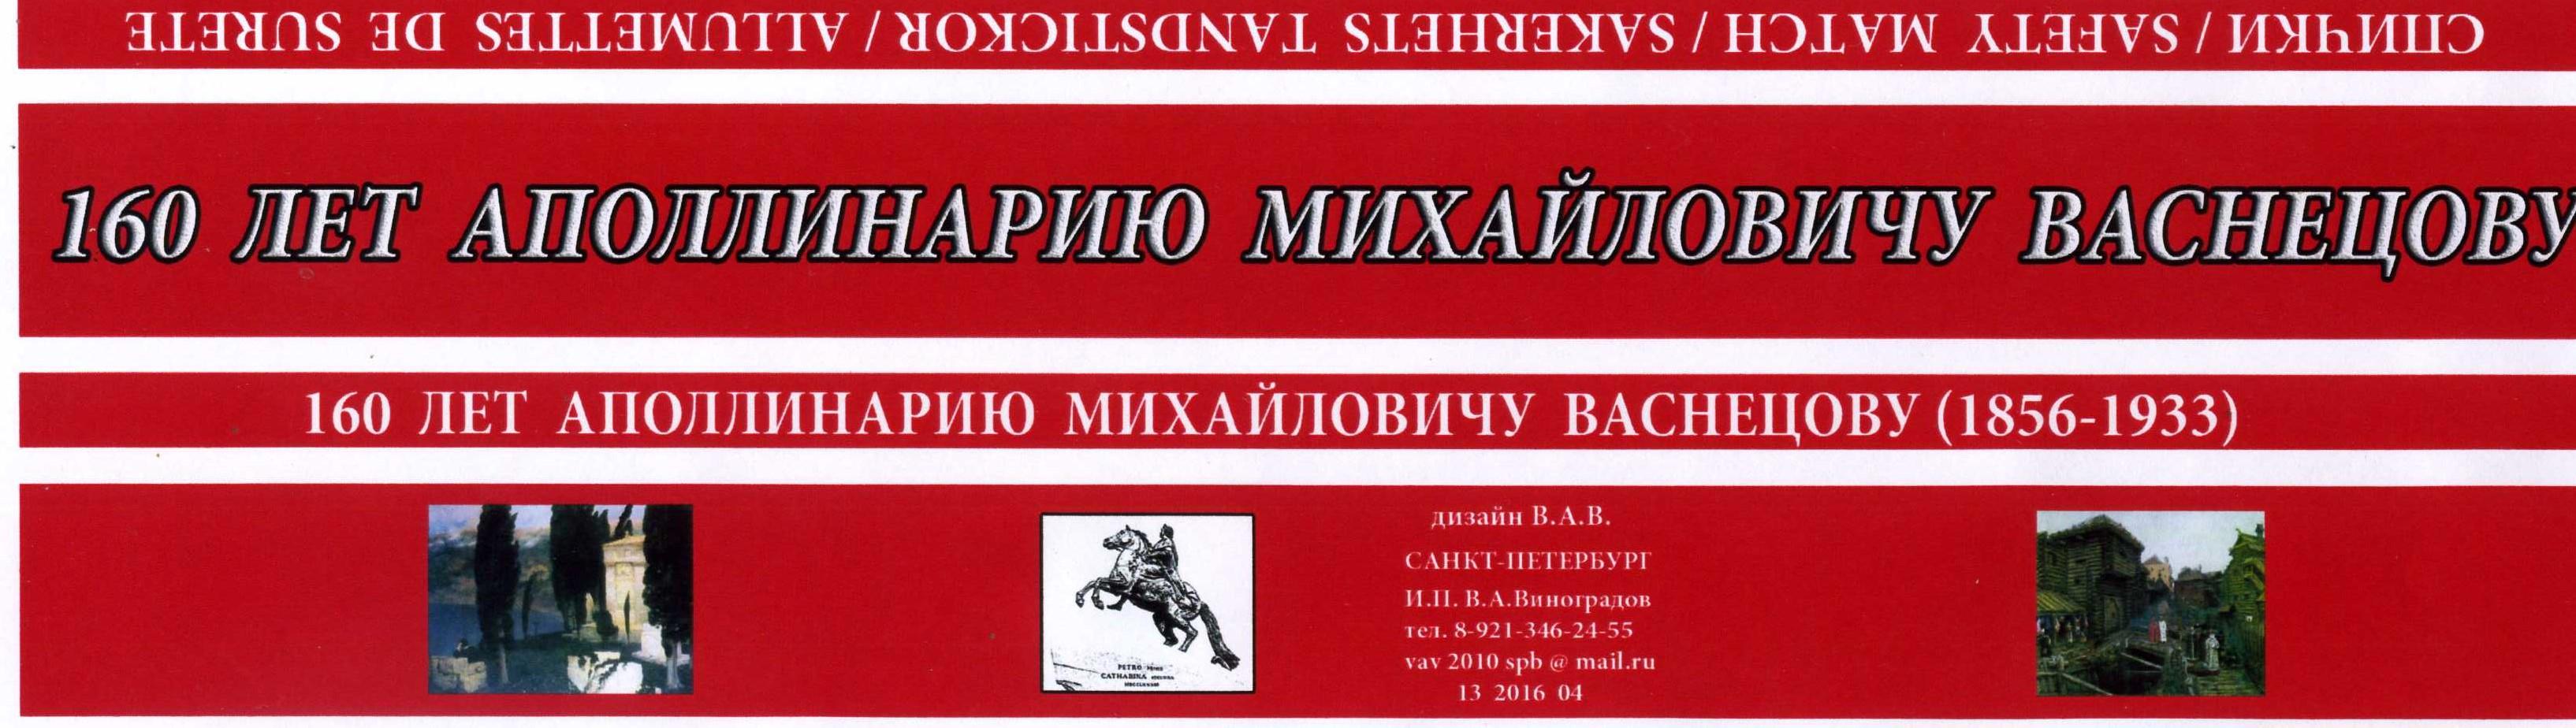 http://sg.uploads.ru/I8euv.jpg